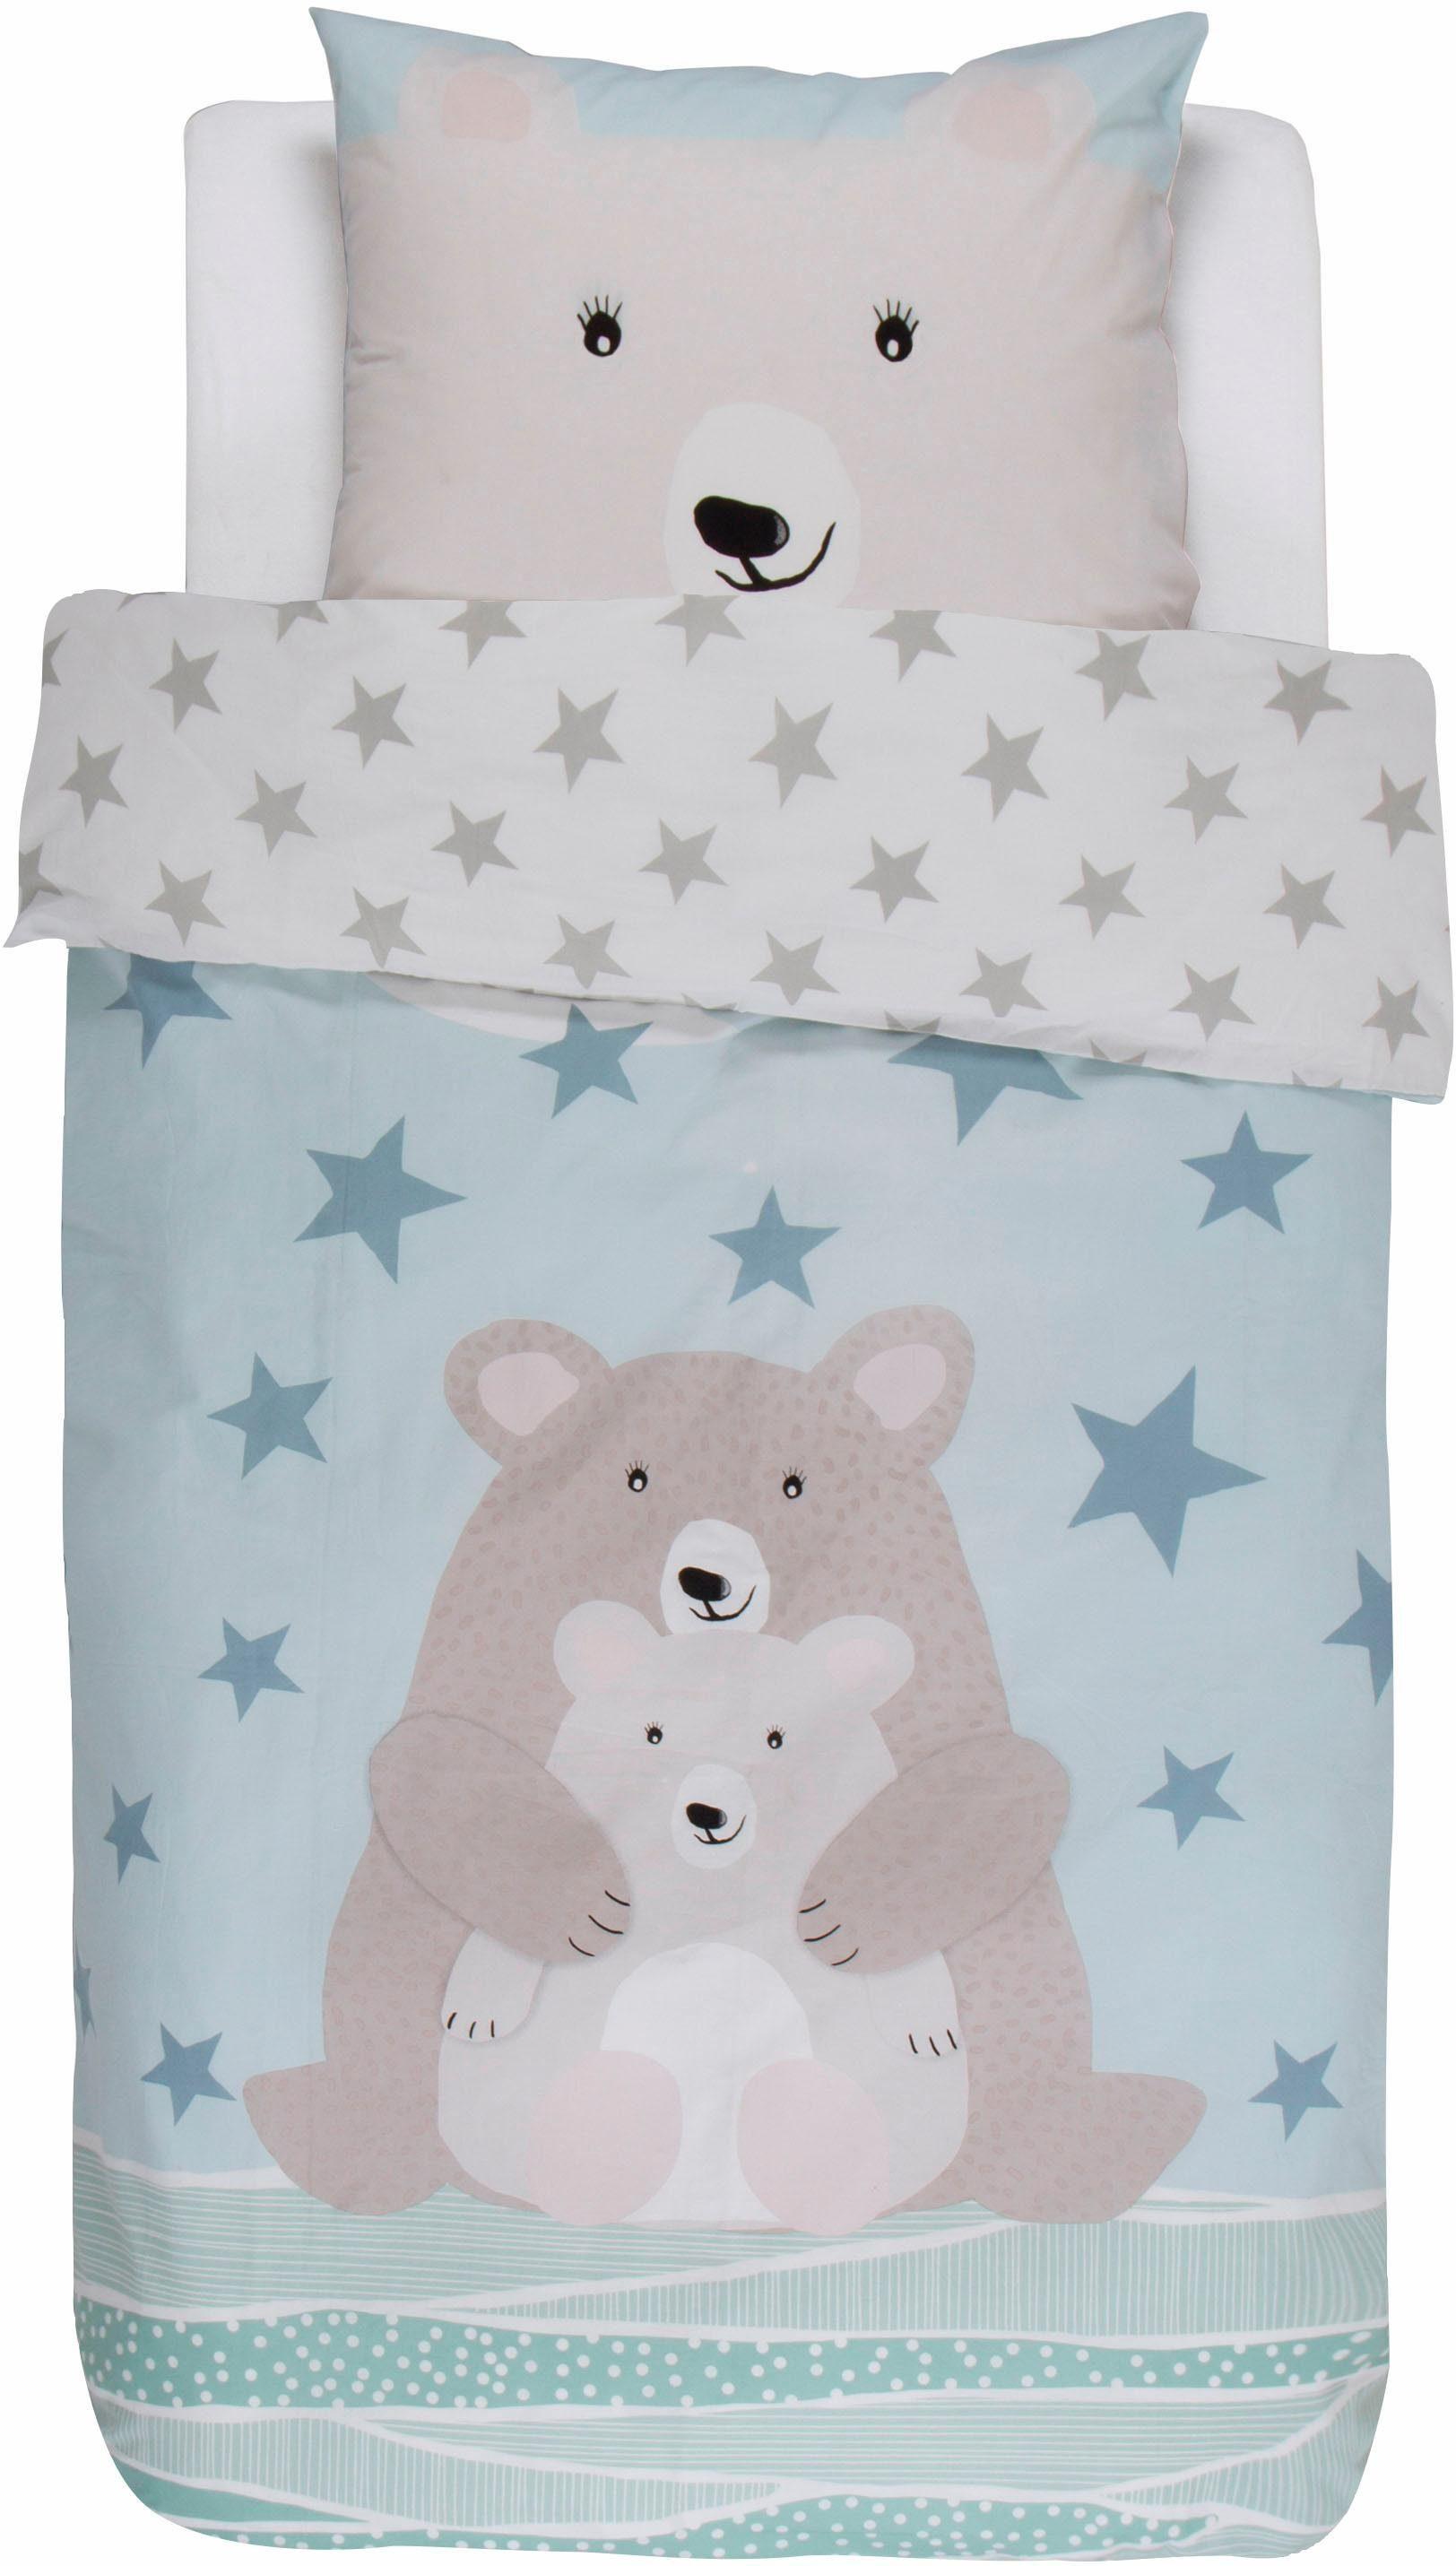 Kinderbettwäsche, Covers & Co., »Counting Stars«, mit niedlichen Bären